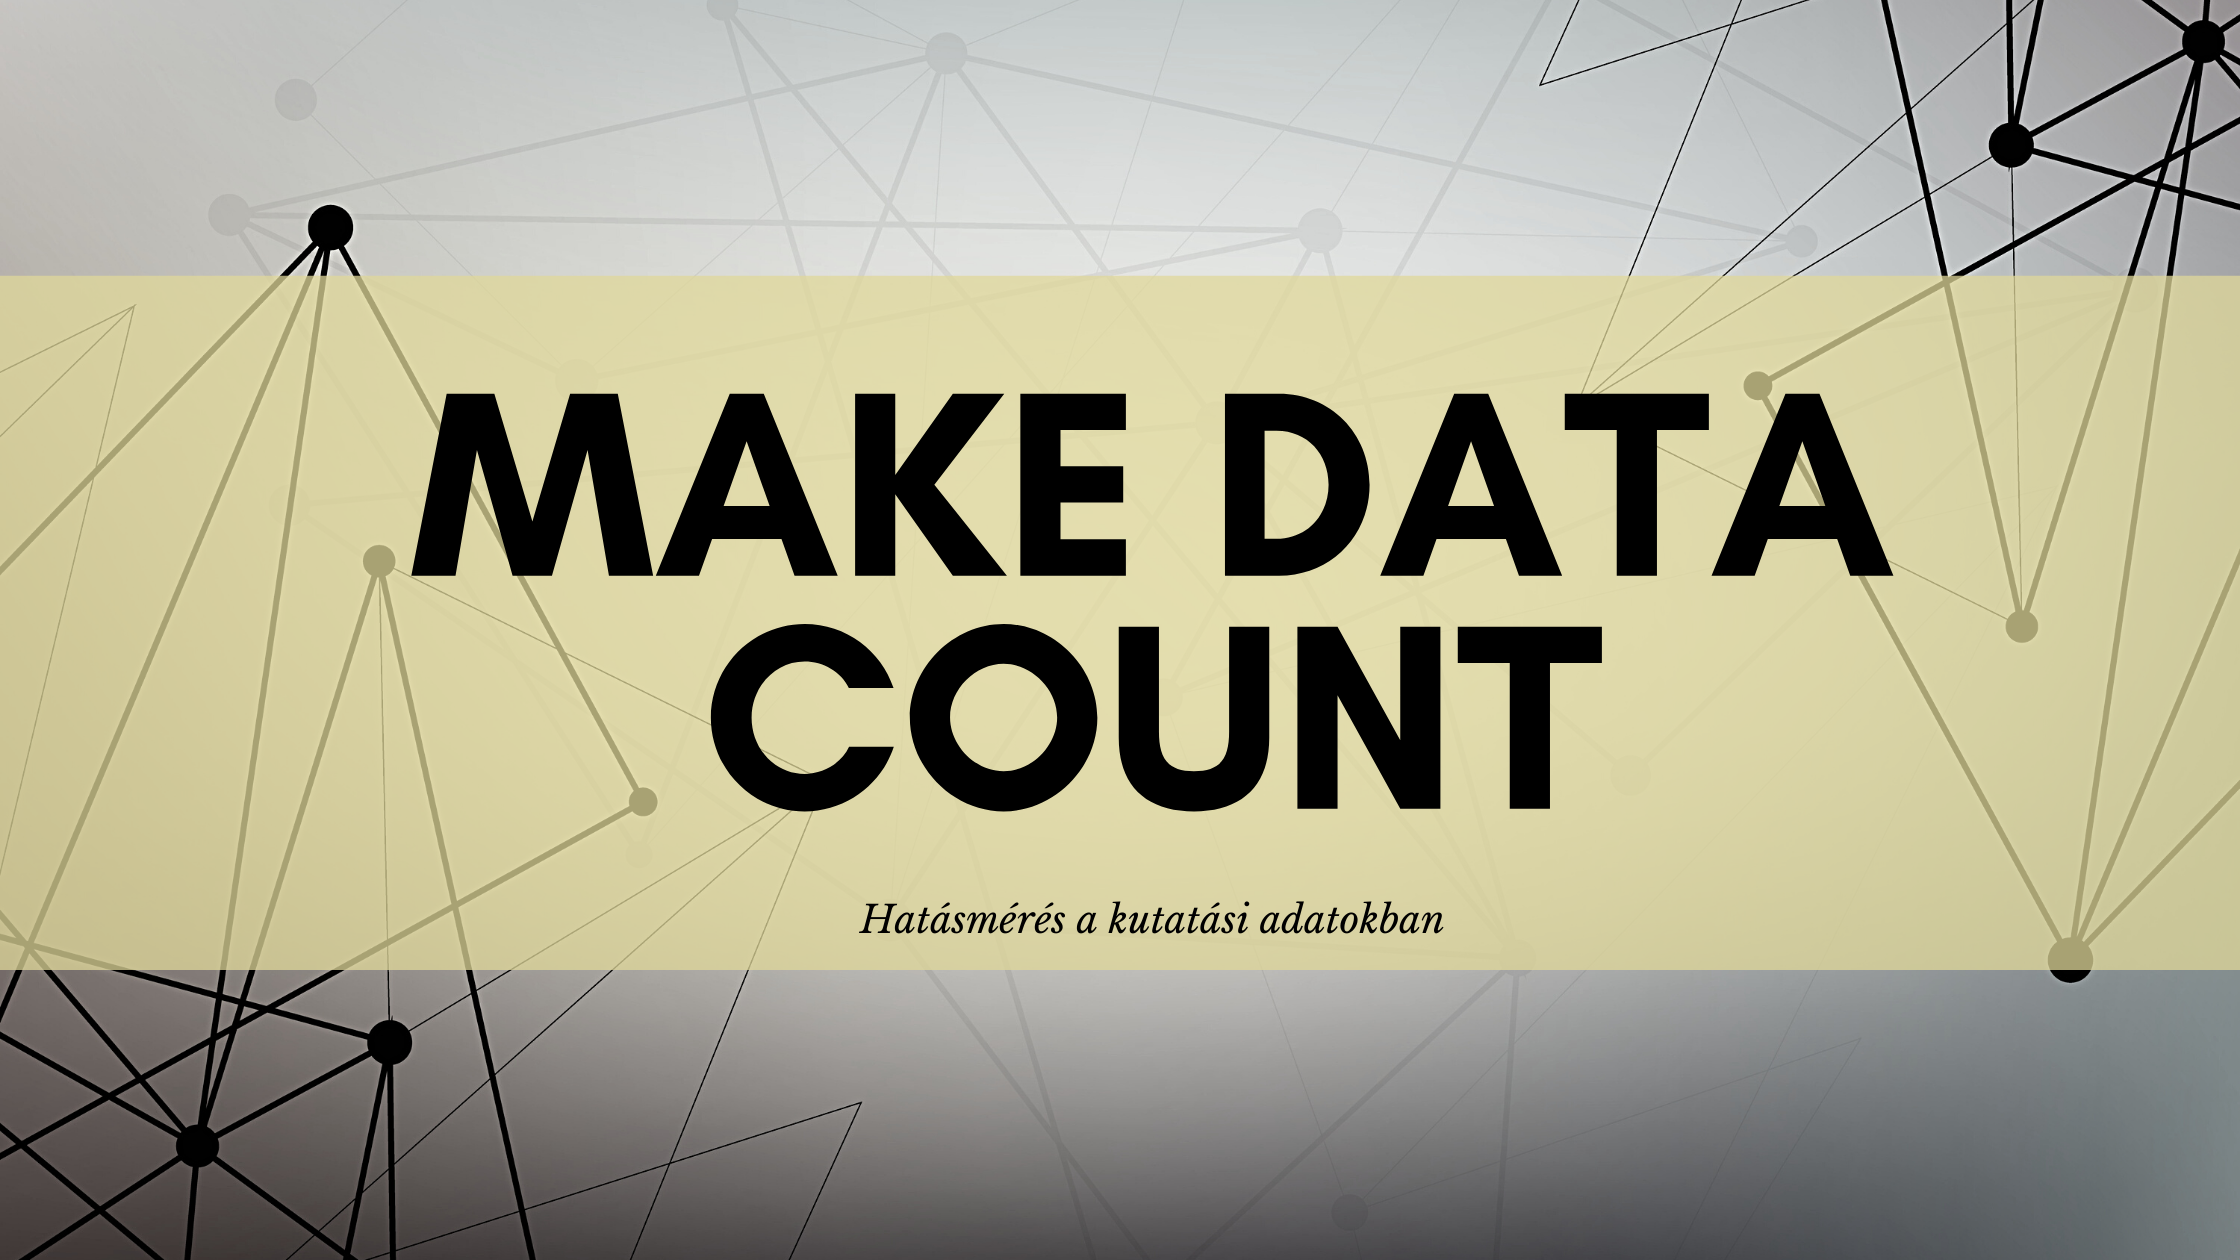 Számítson az adat!